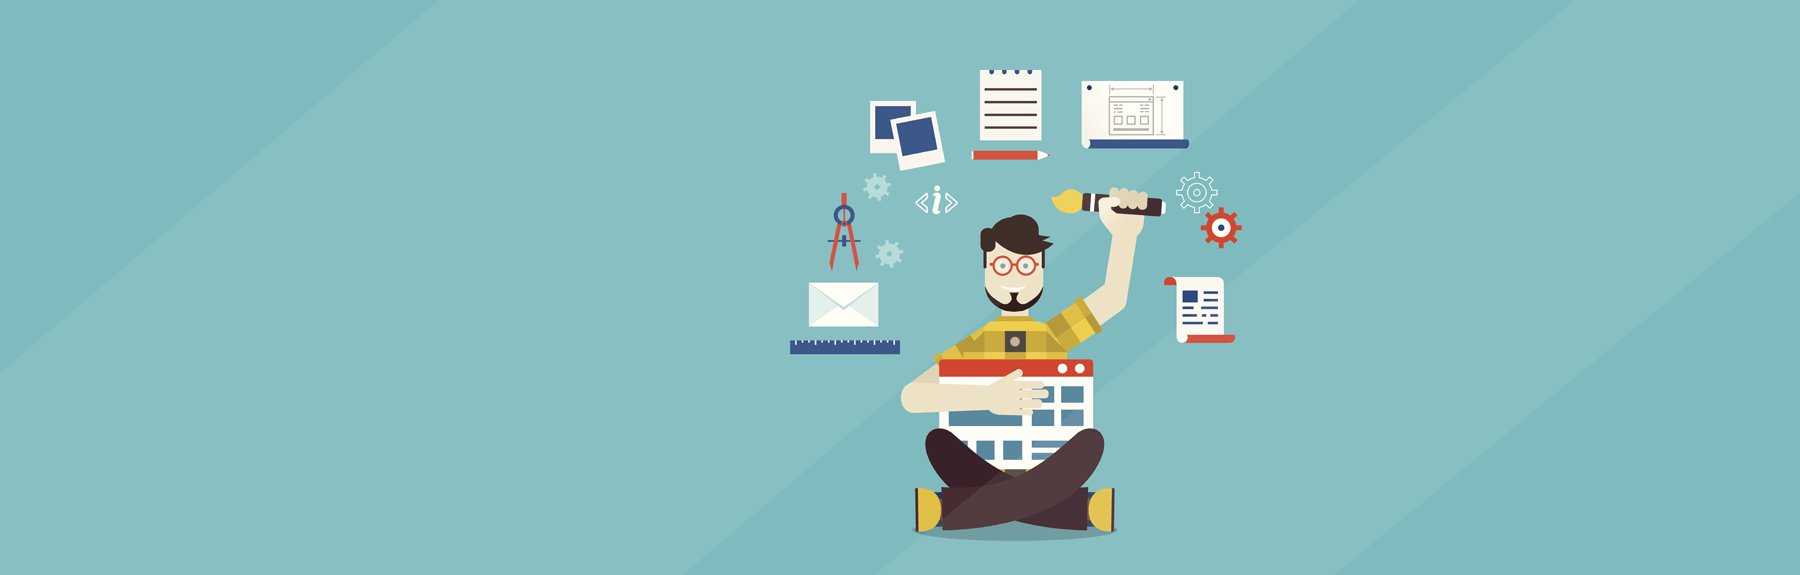 avoid-ux-mistakes-ux-designer-header